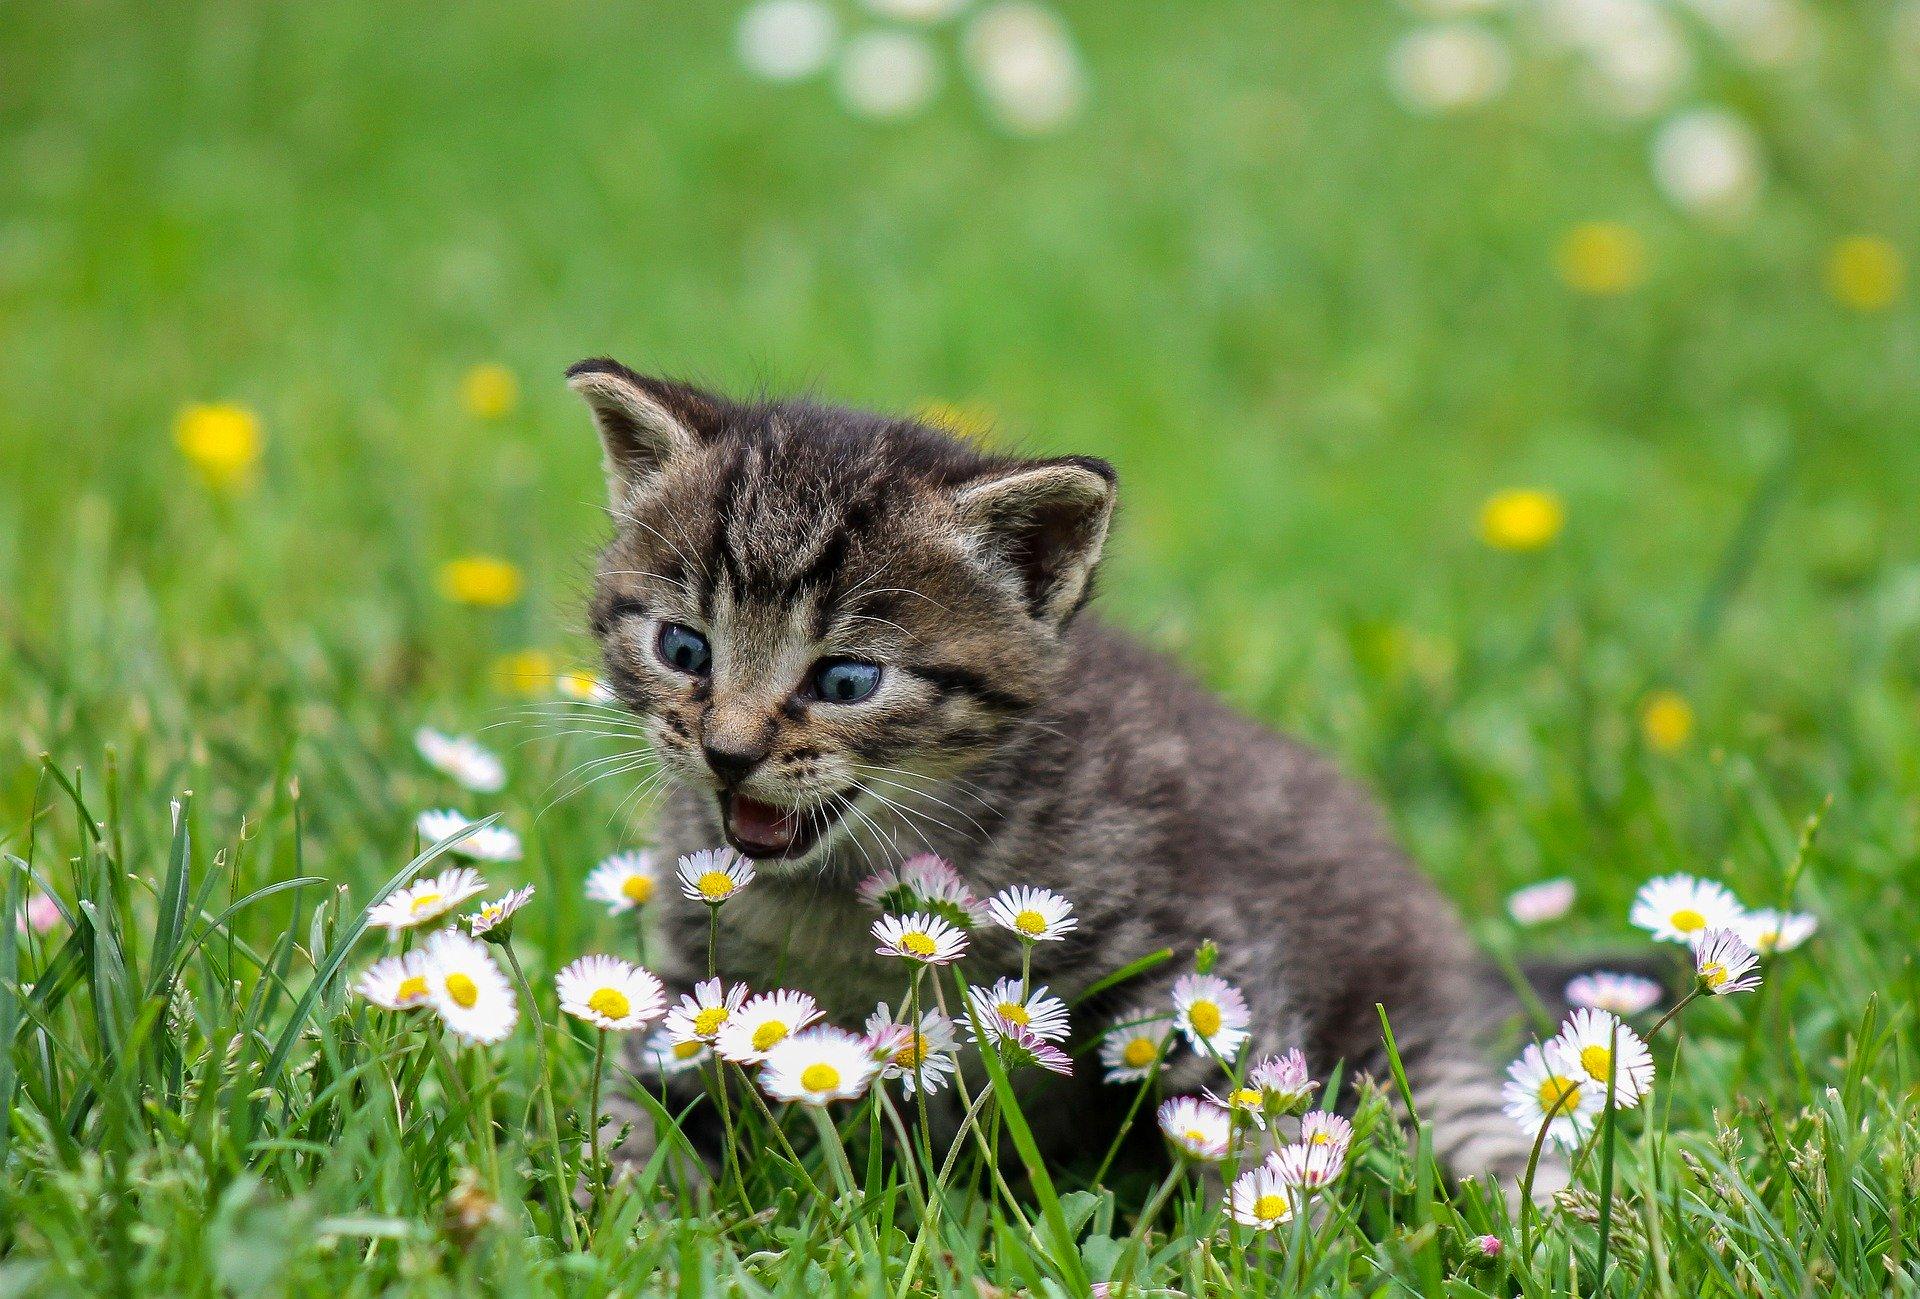 en kat i haven der leger med blomster